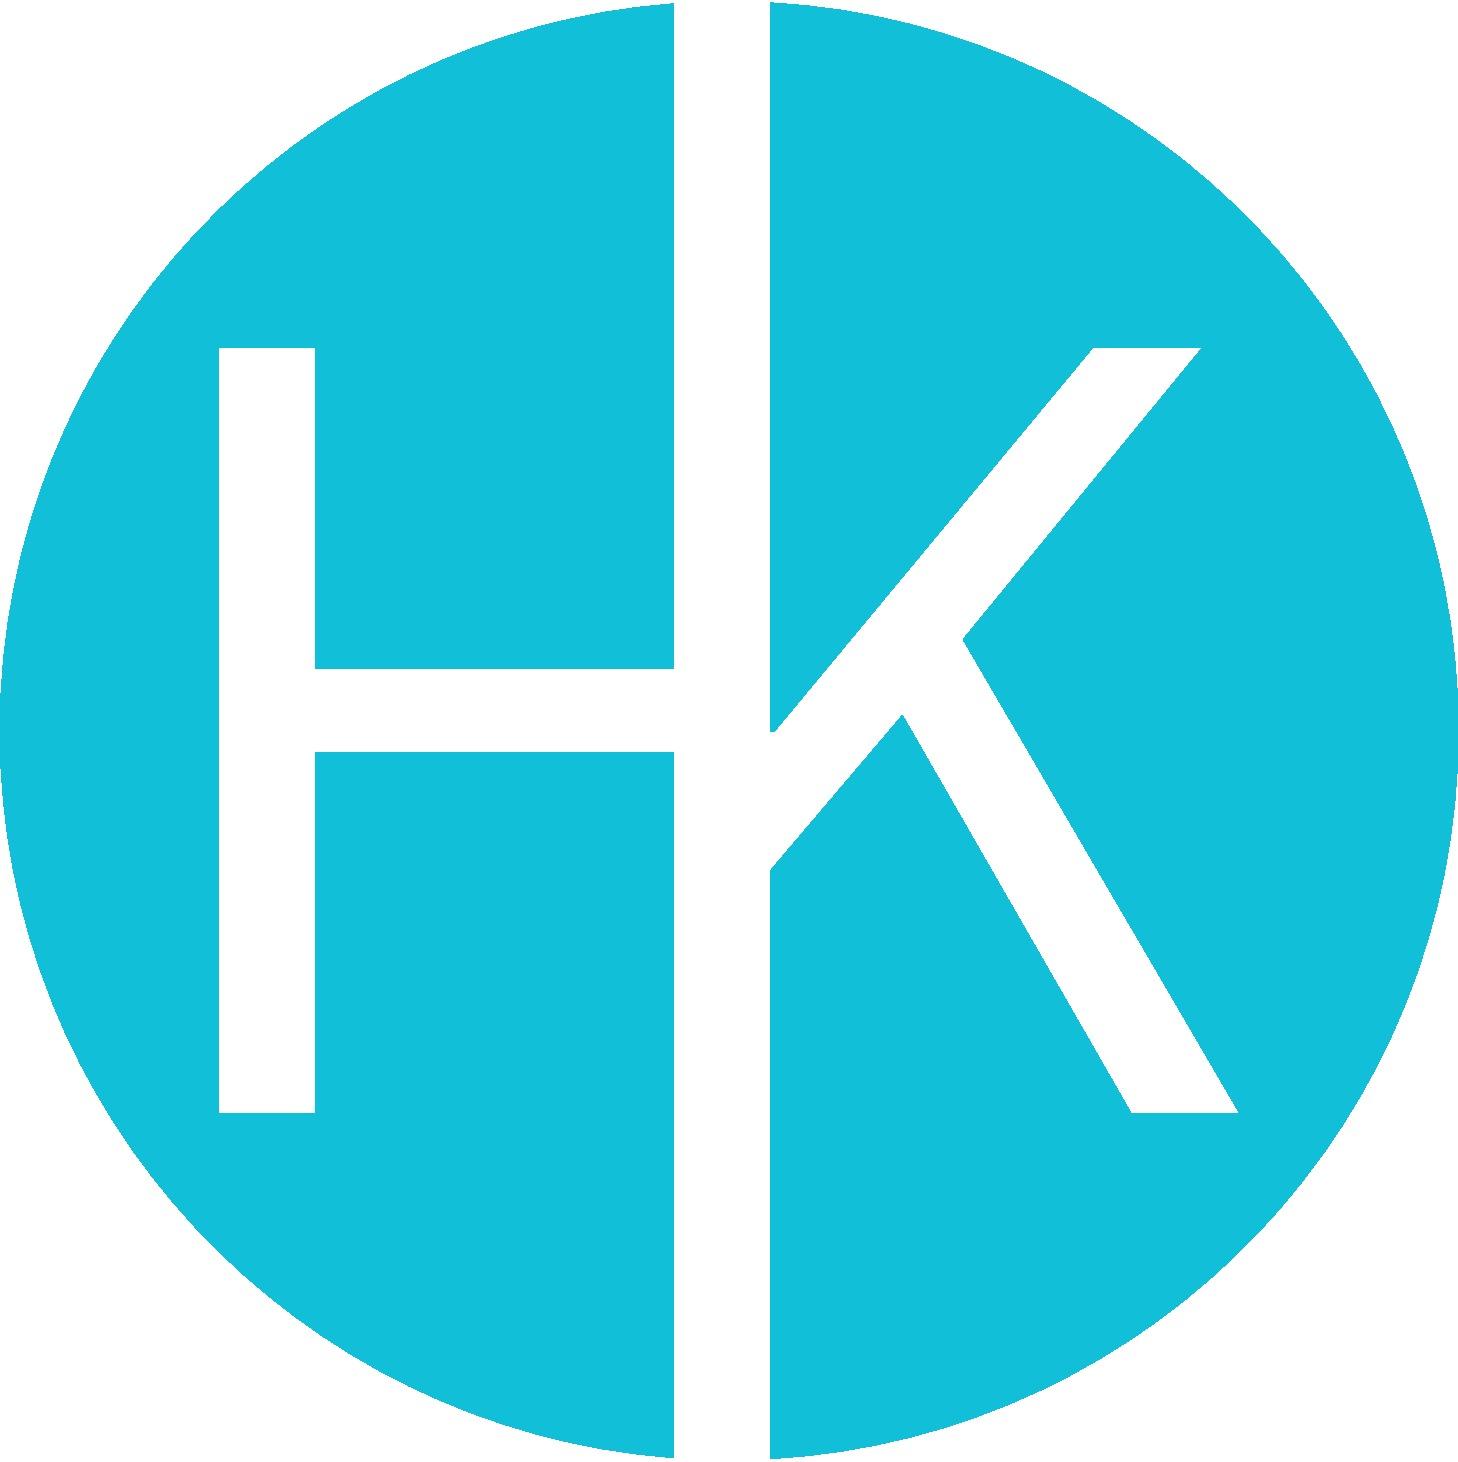 hk_logo_eps_1.jpg